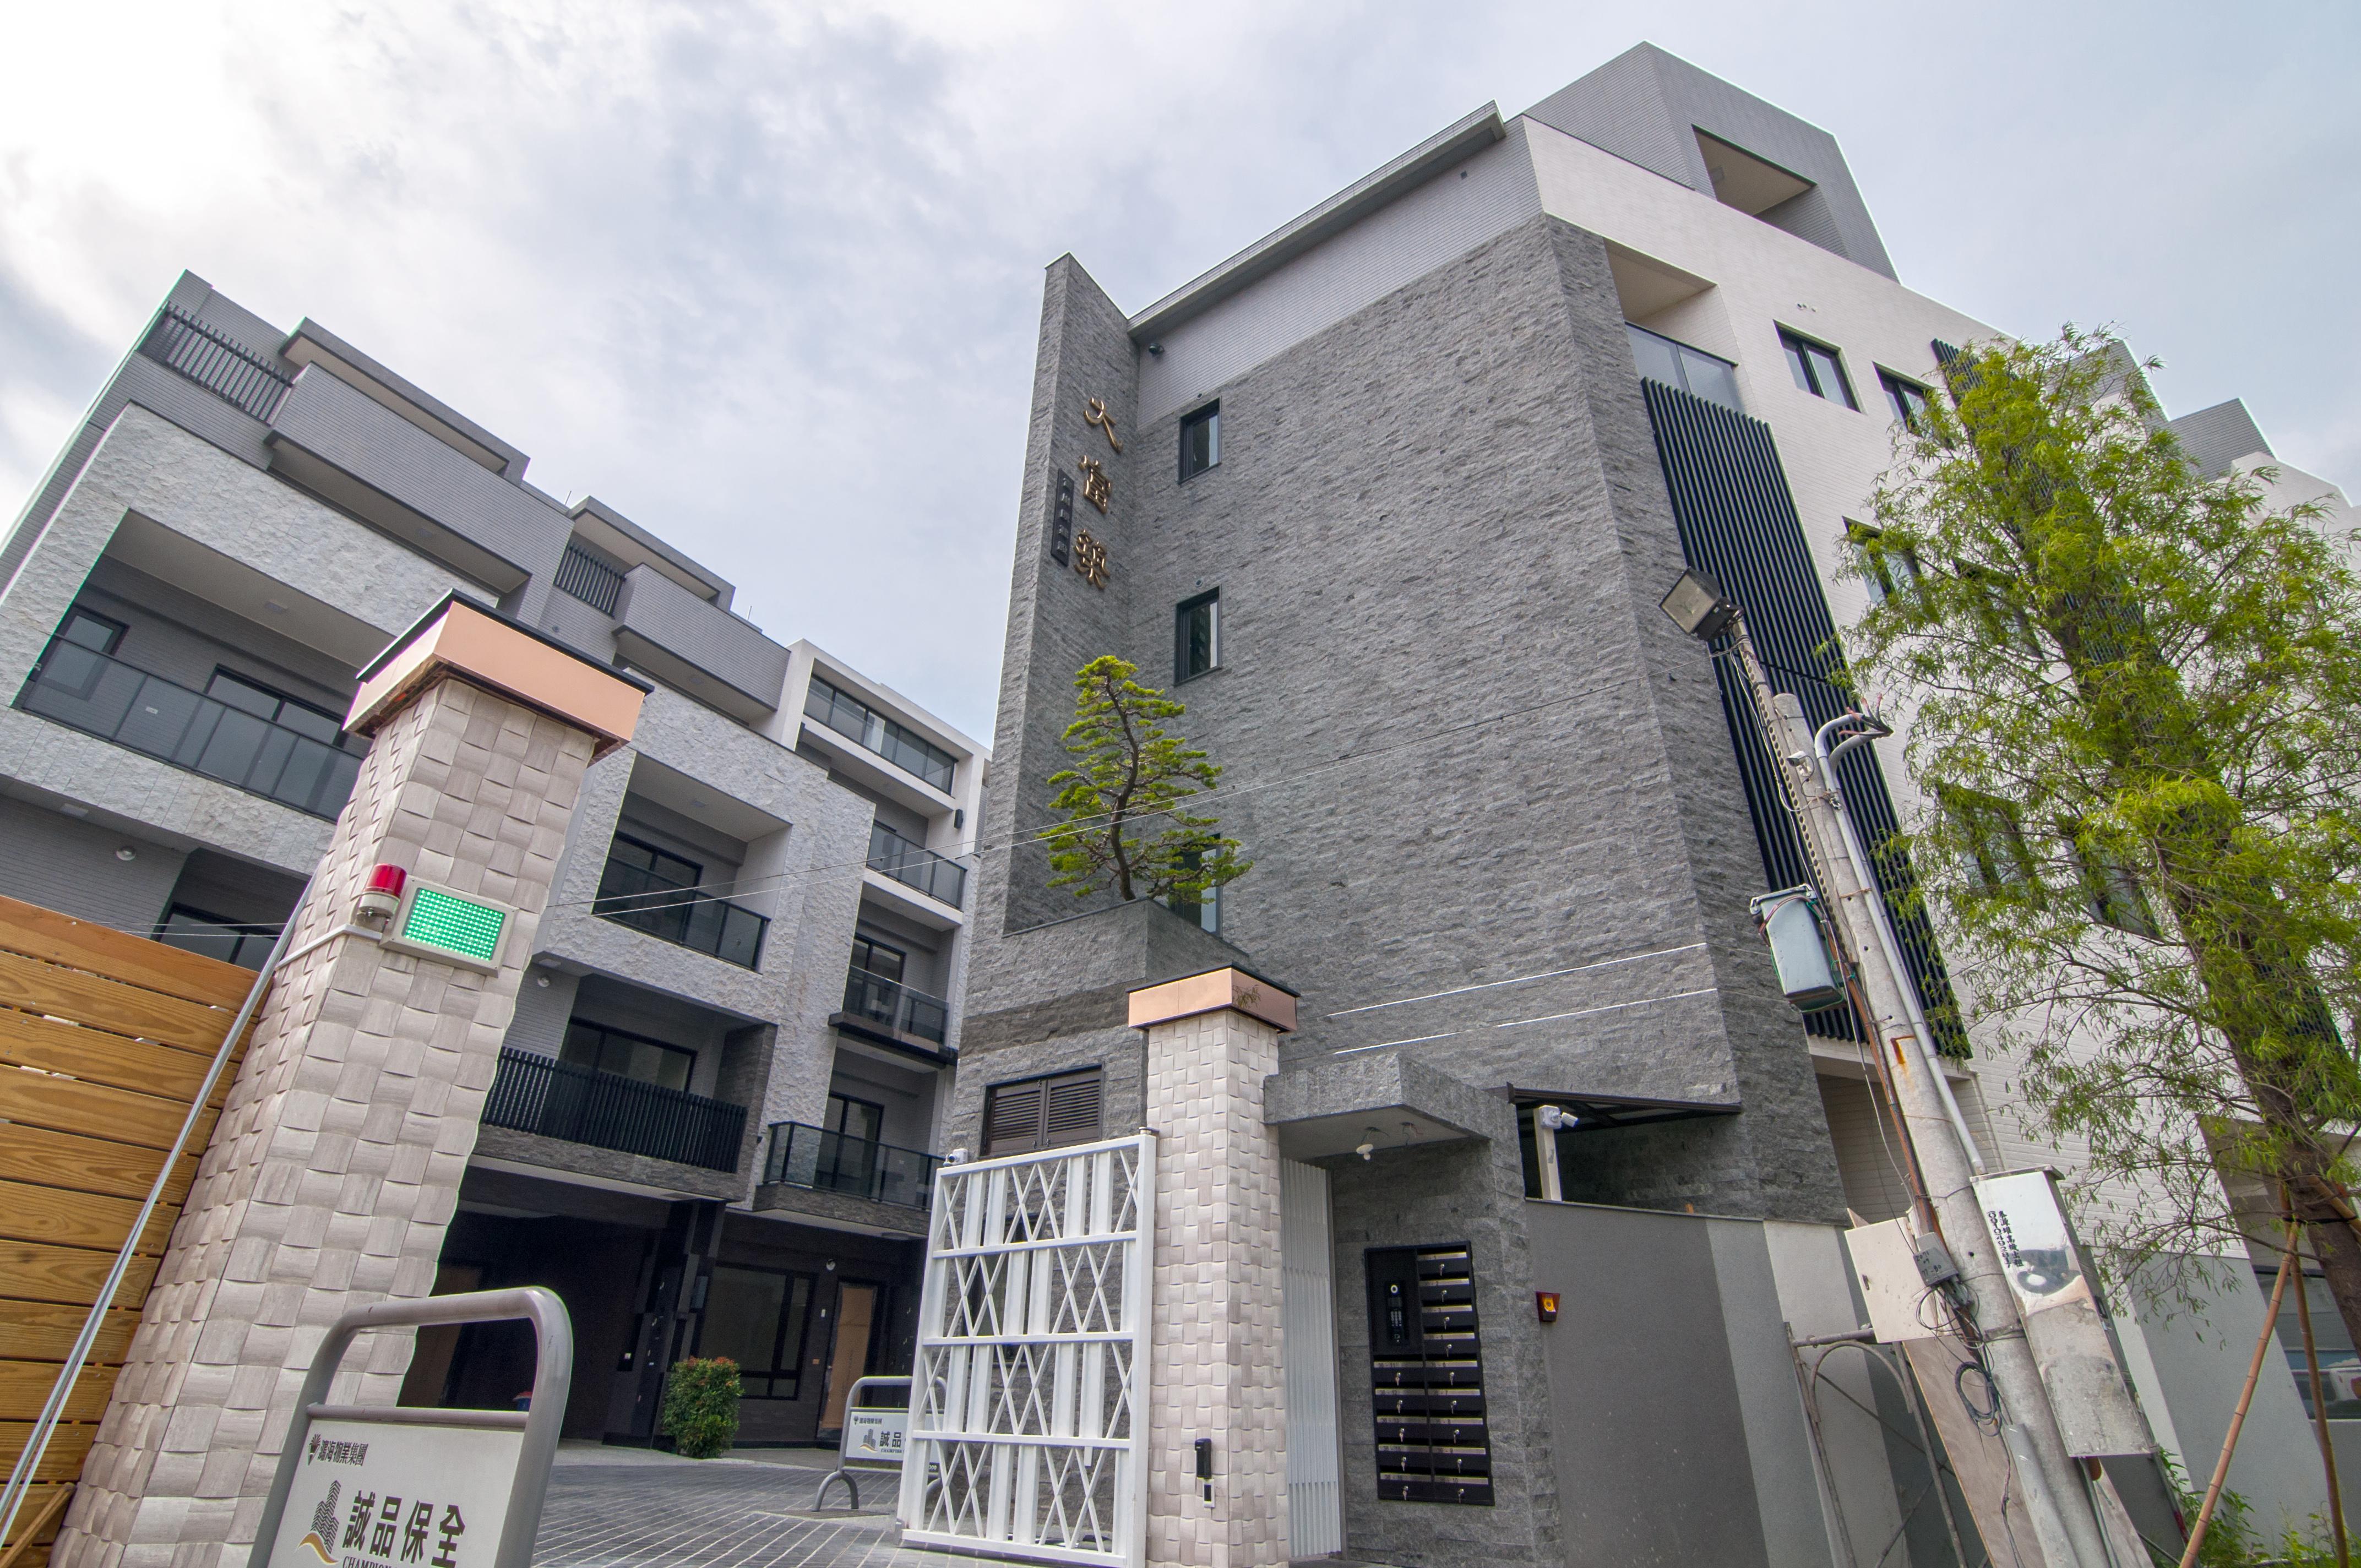 圖片:烏日區建案開箱 | 富川原建設大富築。視界的寬度 決定人生的高度 療癒系景觀渡假宅